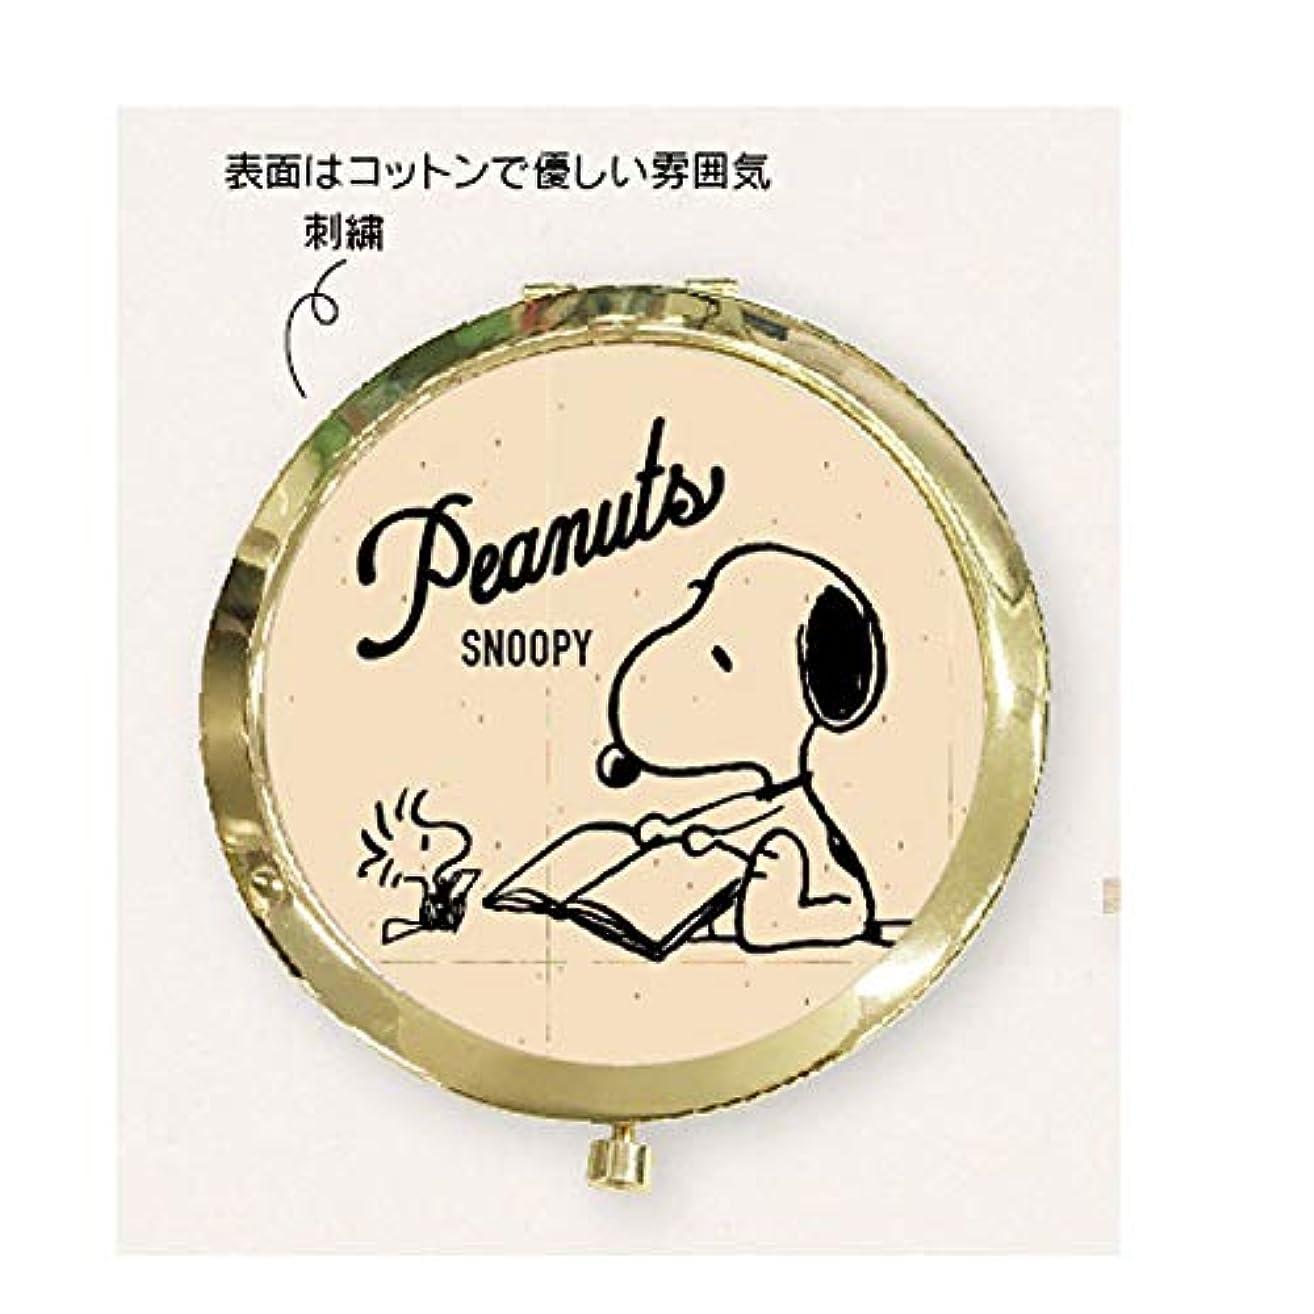 ご飯一回抽出【スヌーピー】コンパクトミラー(BOOK) BOOK STORE 049046